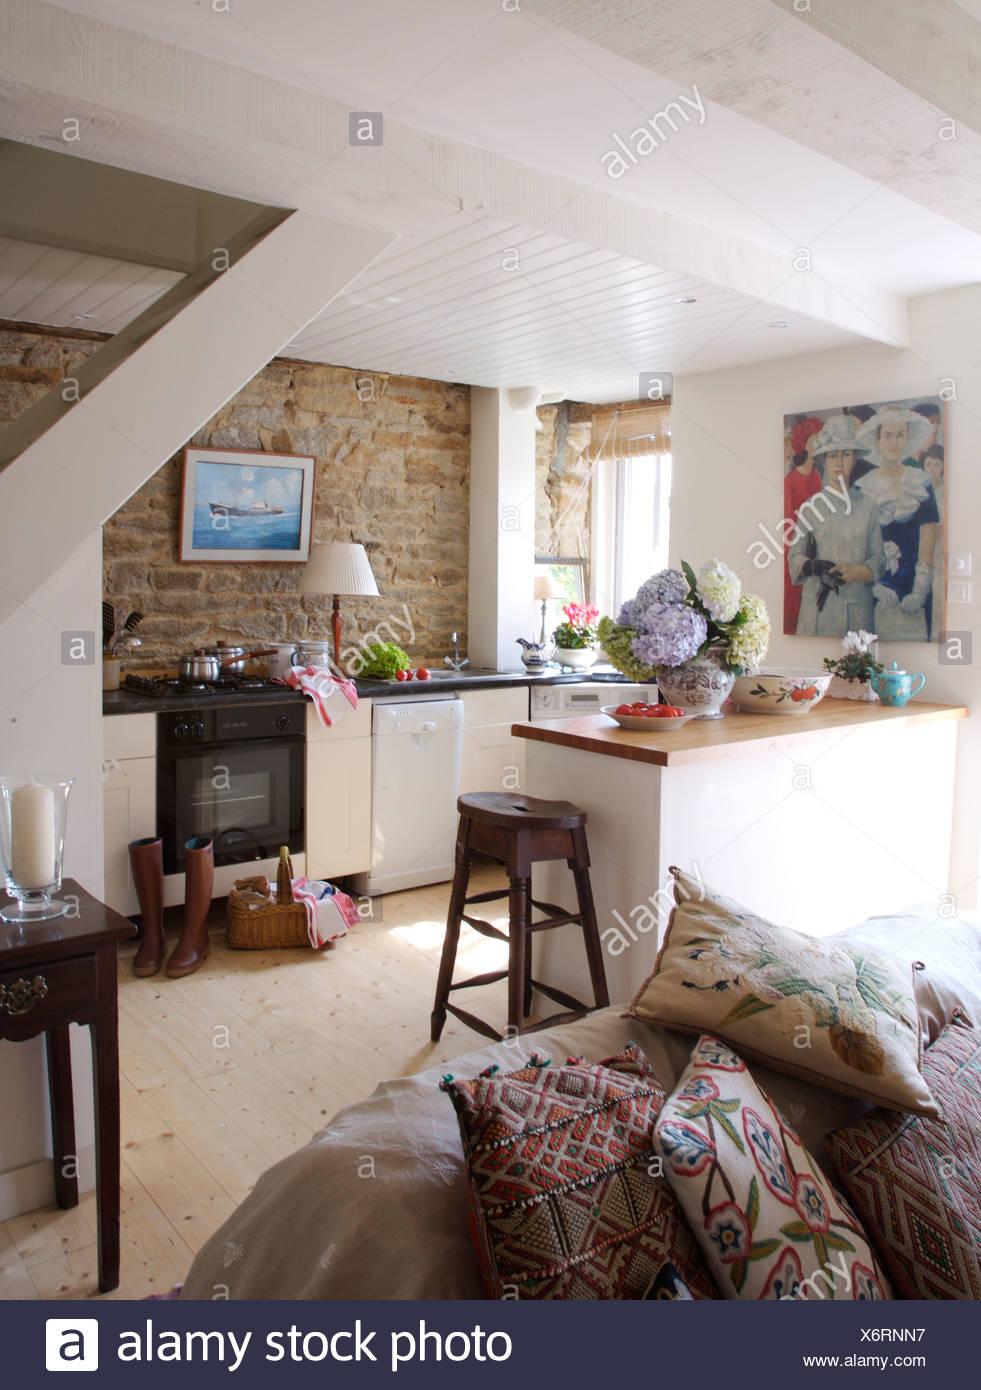 Gemusterte Kissen auf Sofa im Landhaus Küche mit Bild auf Backstein ...